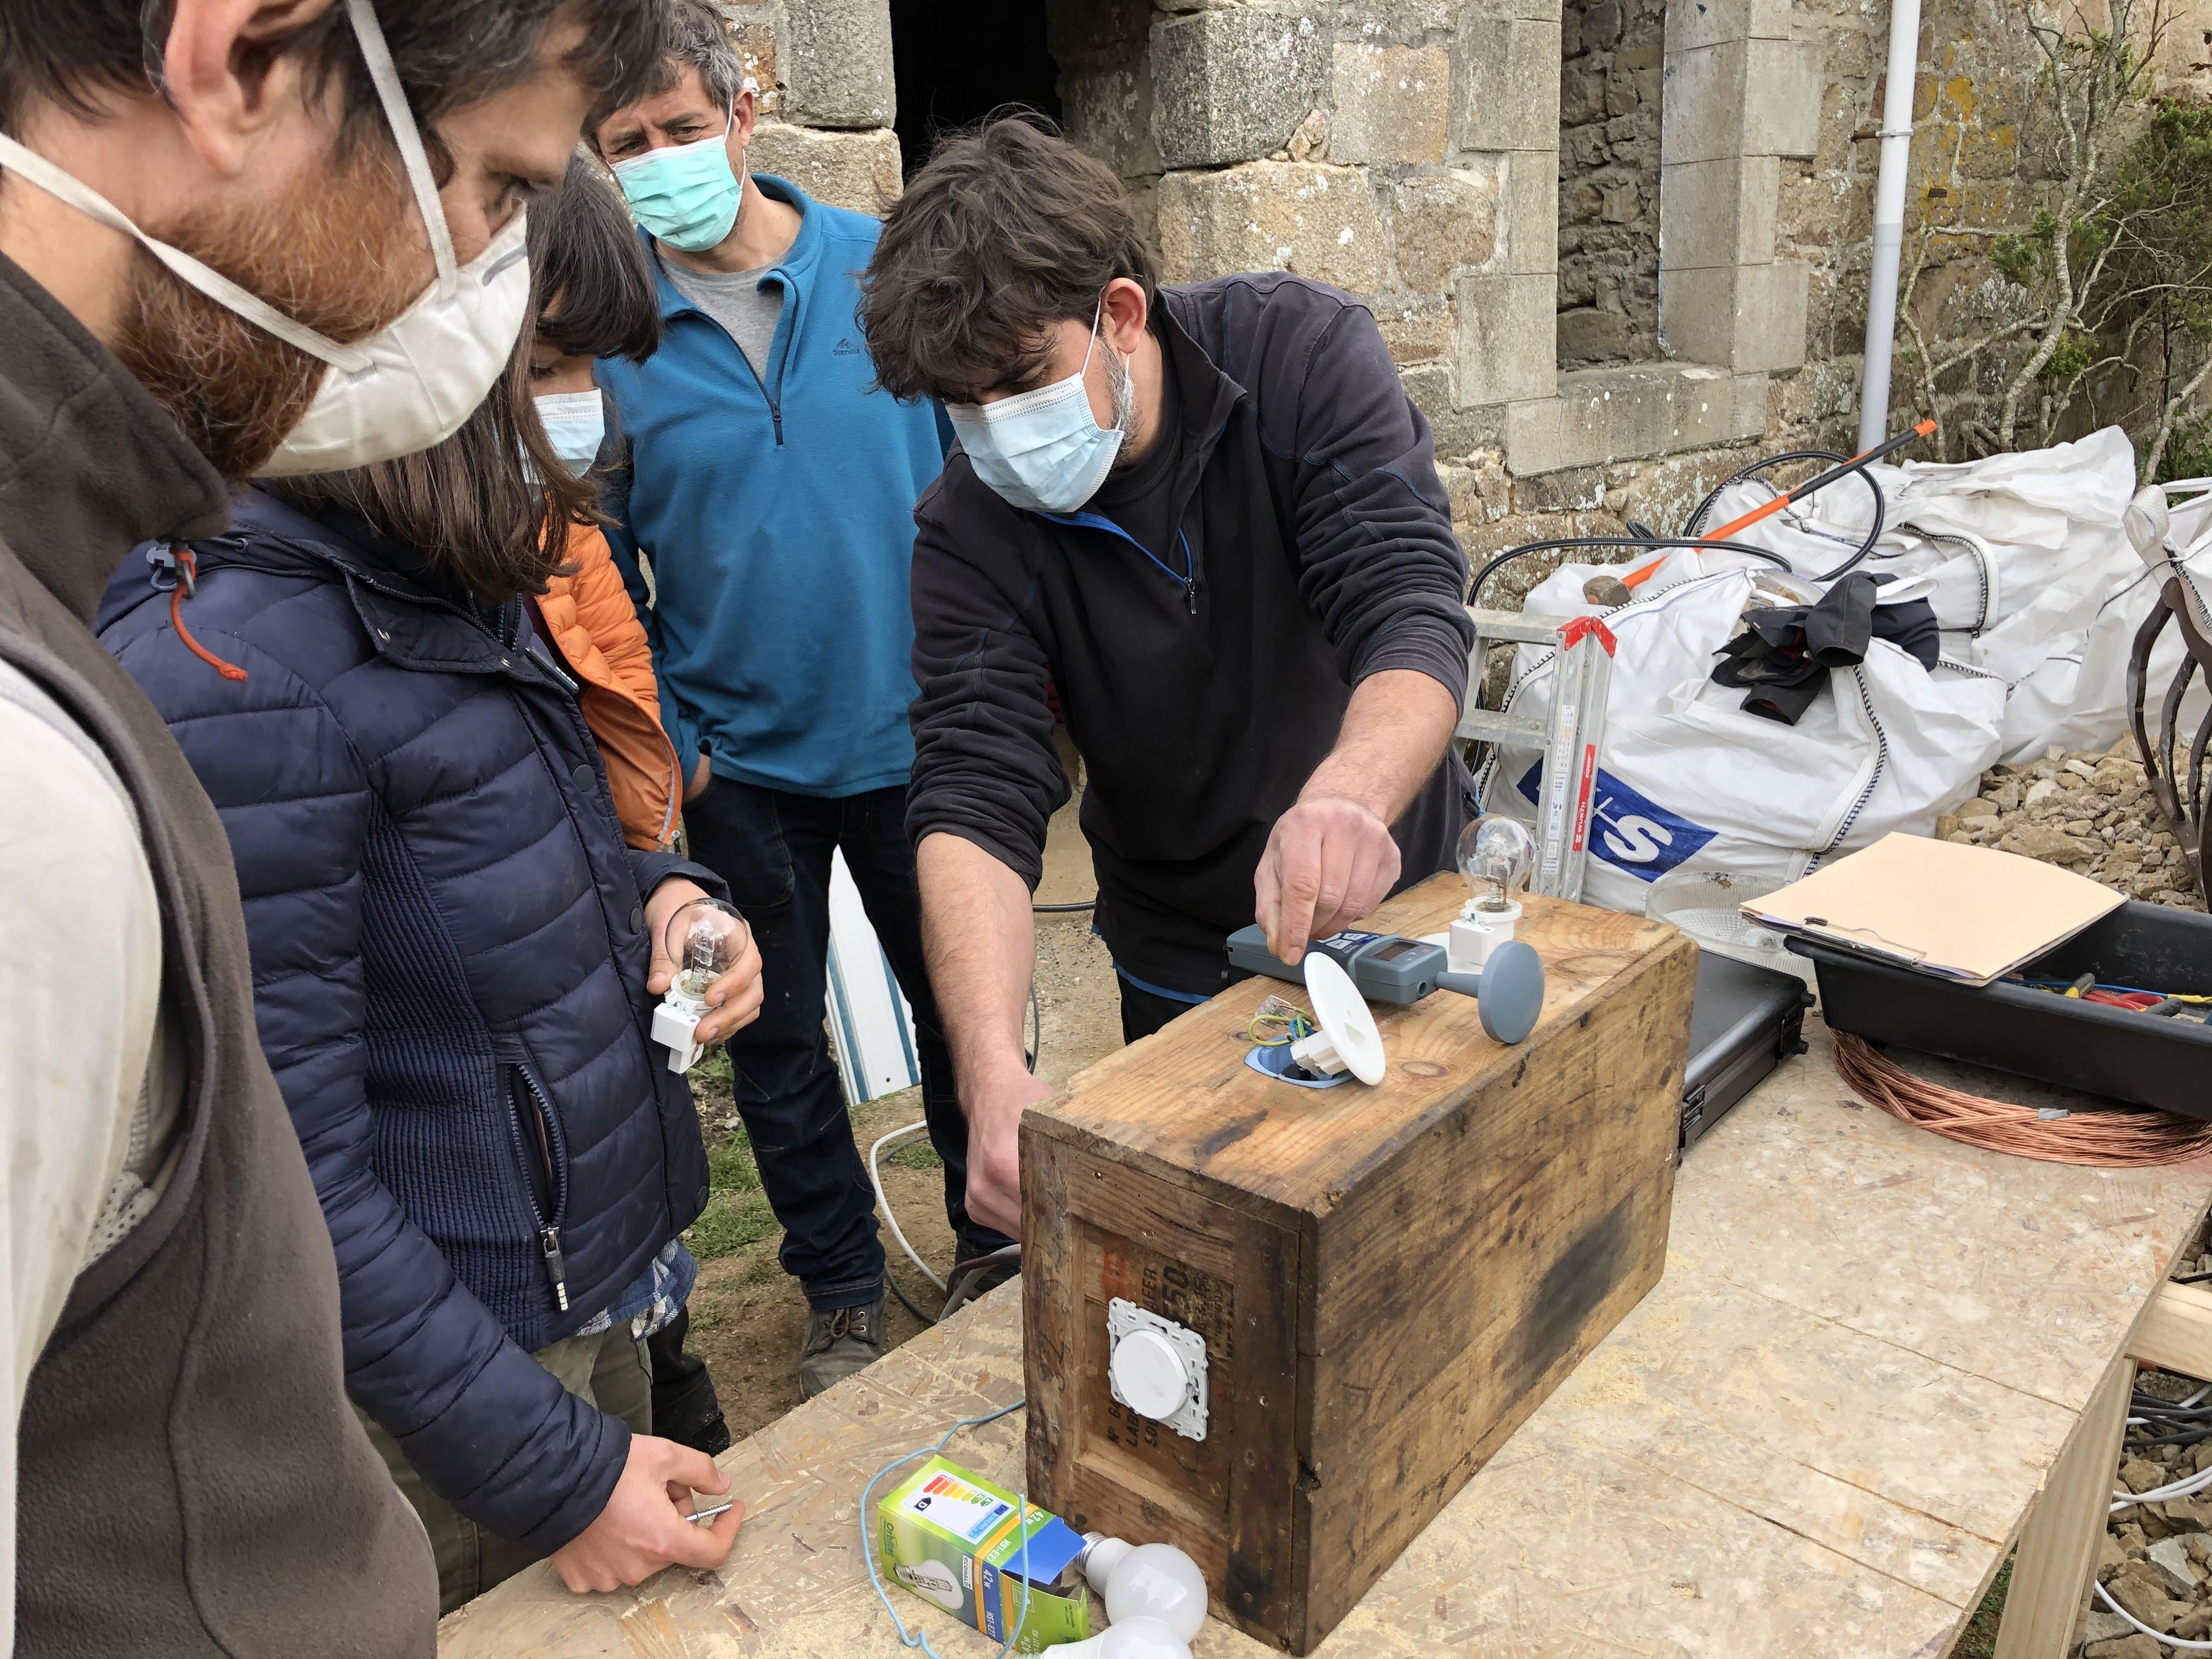 Parcours de découverte des métiers de l'écoconstruction à destination des publics en insertion en Bretagne